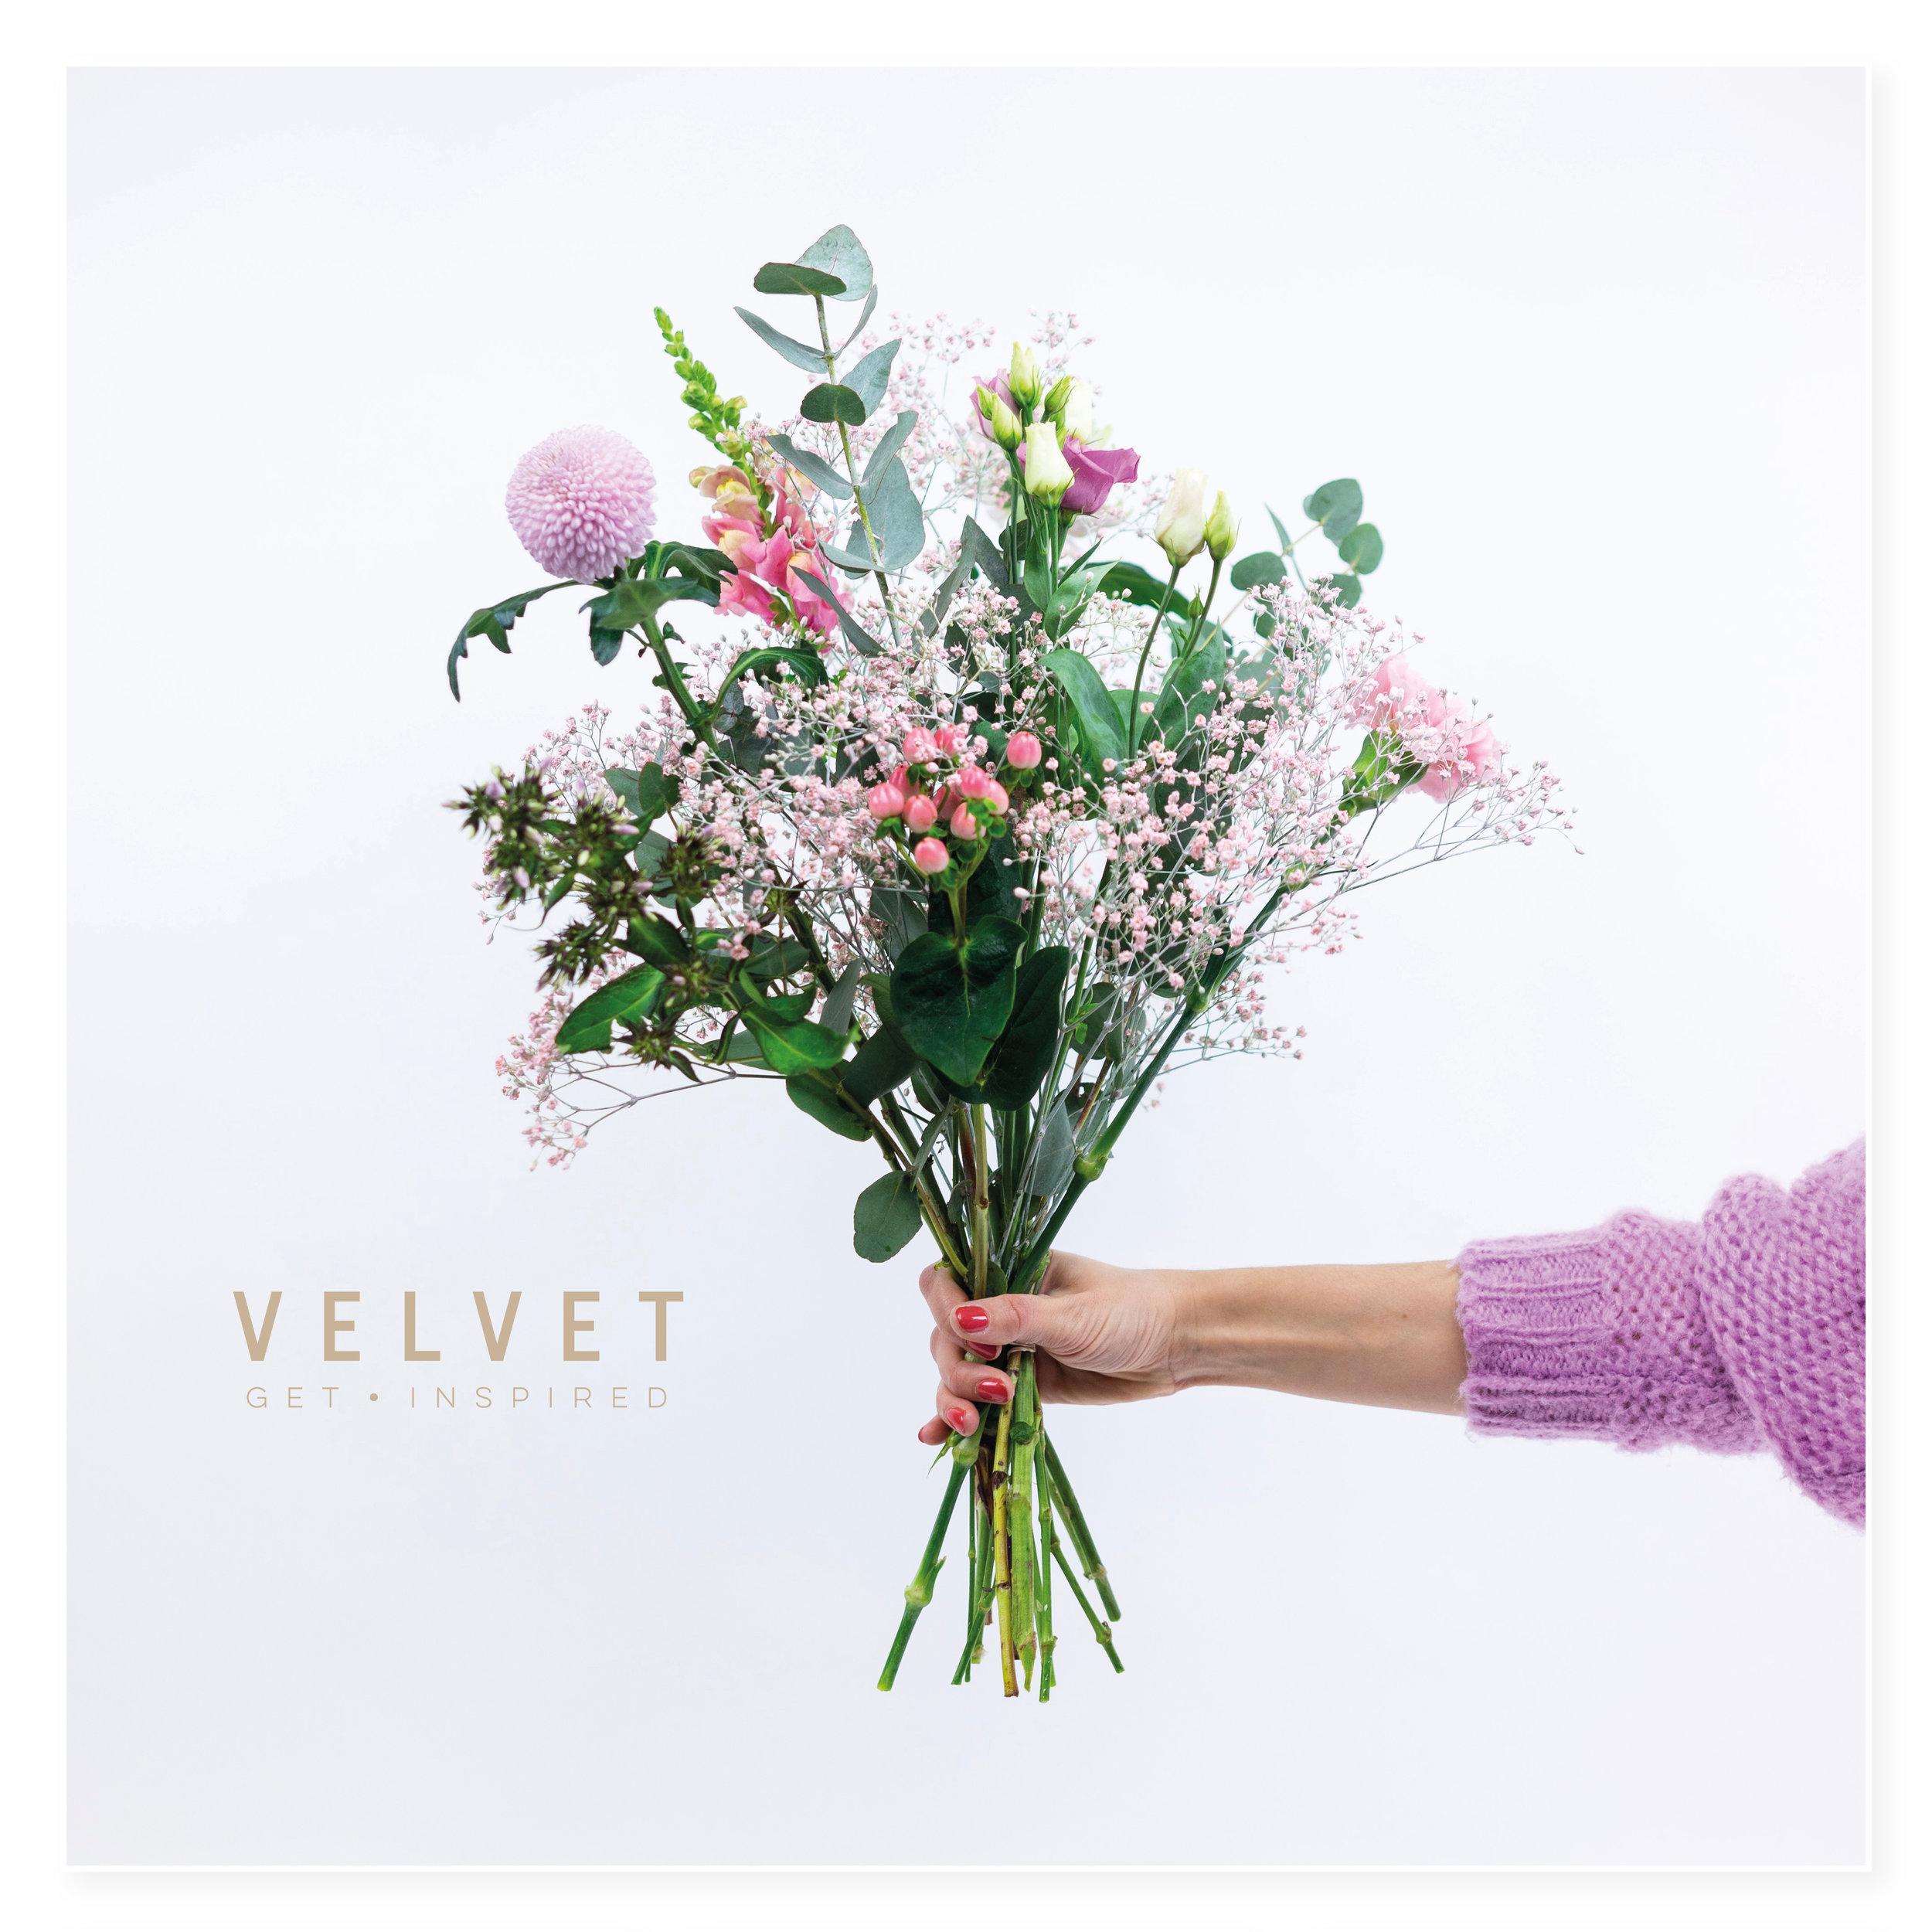 velvet_gift-items_hoofd.jpg